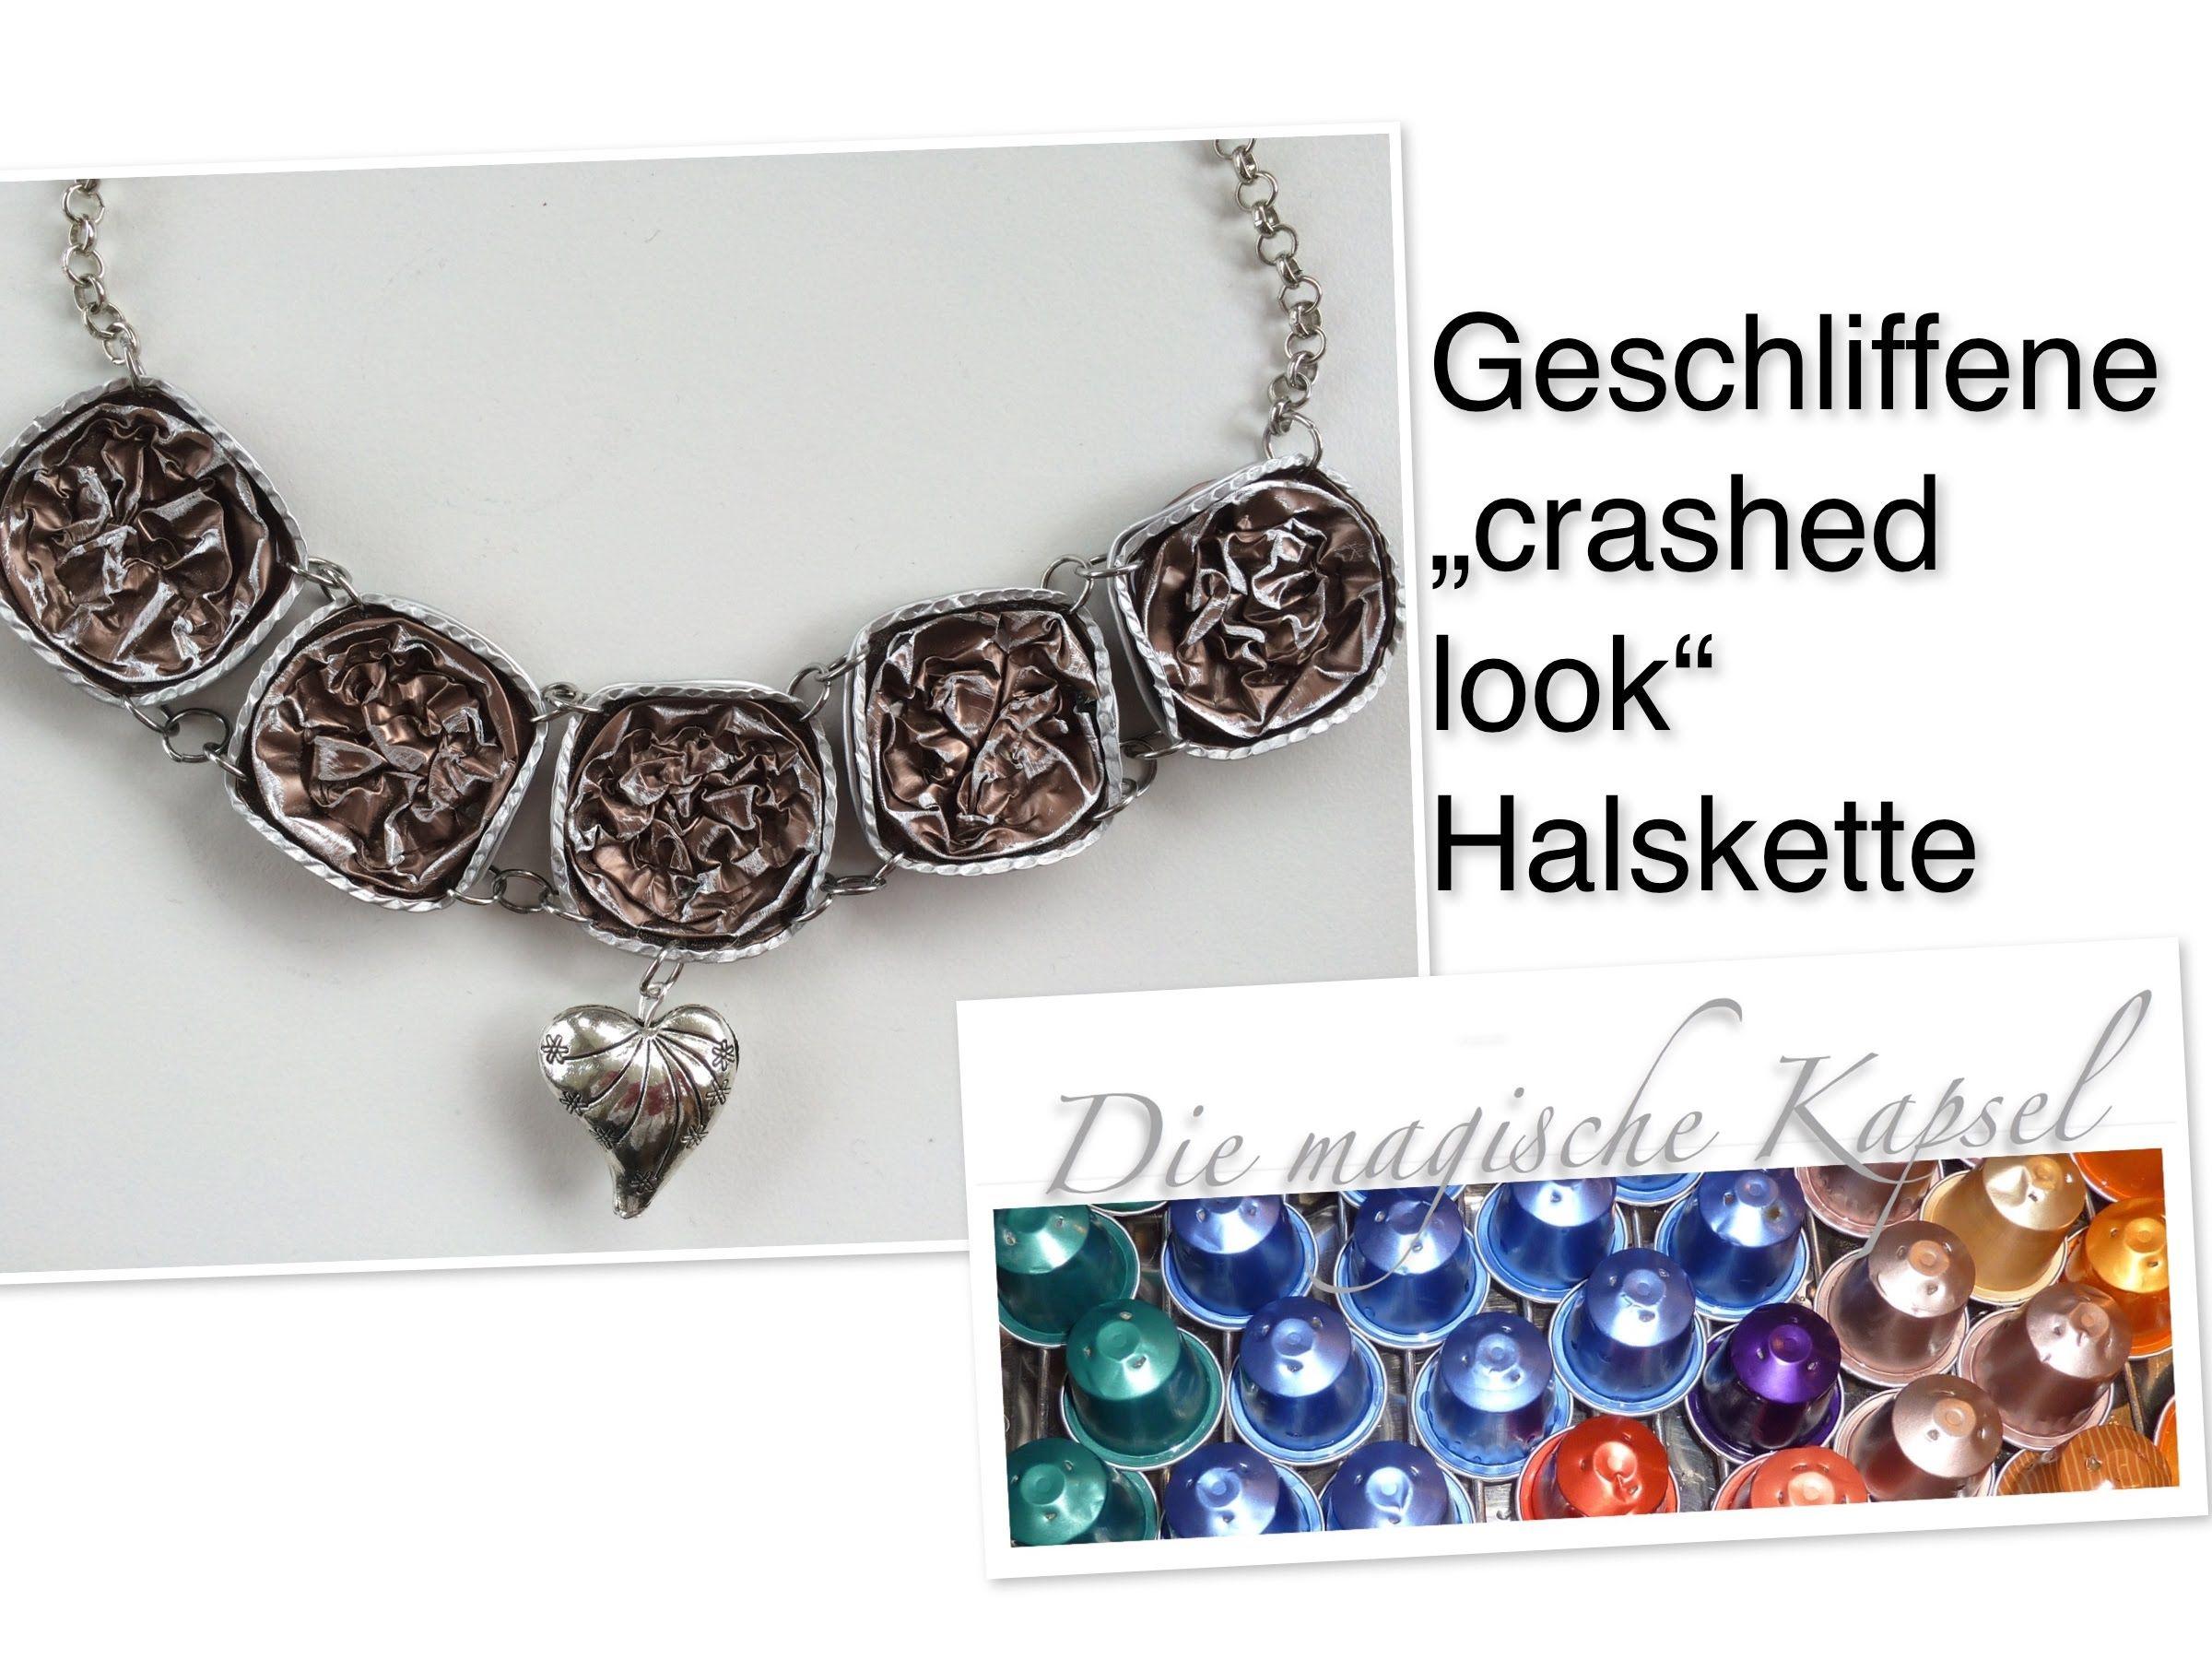 Nespresso Schmuck Anleitung - crashed look Halskette - die magische ...